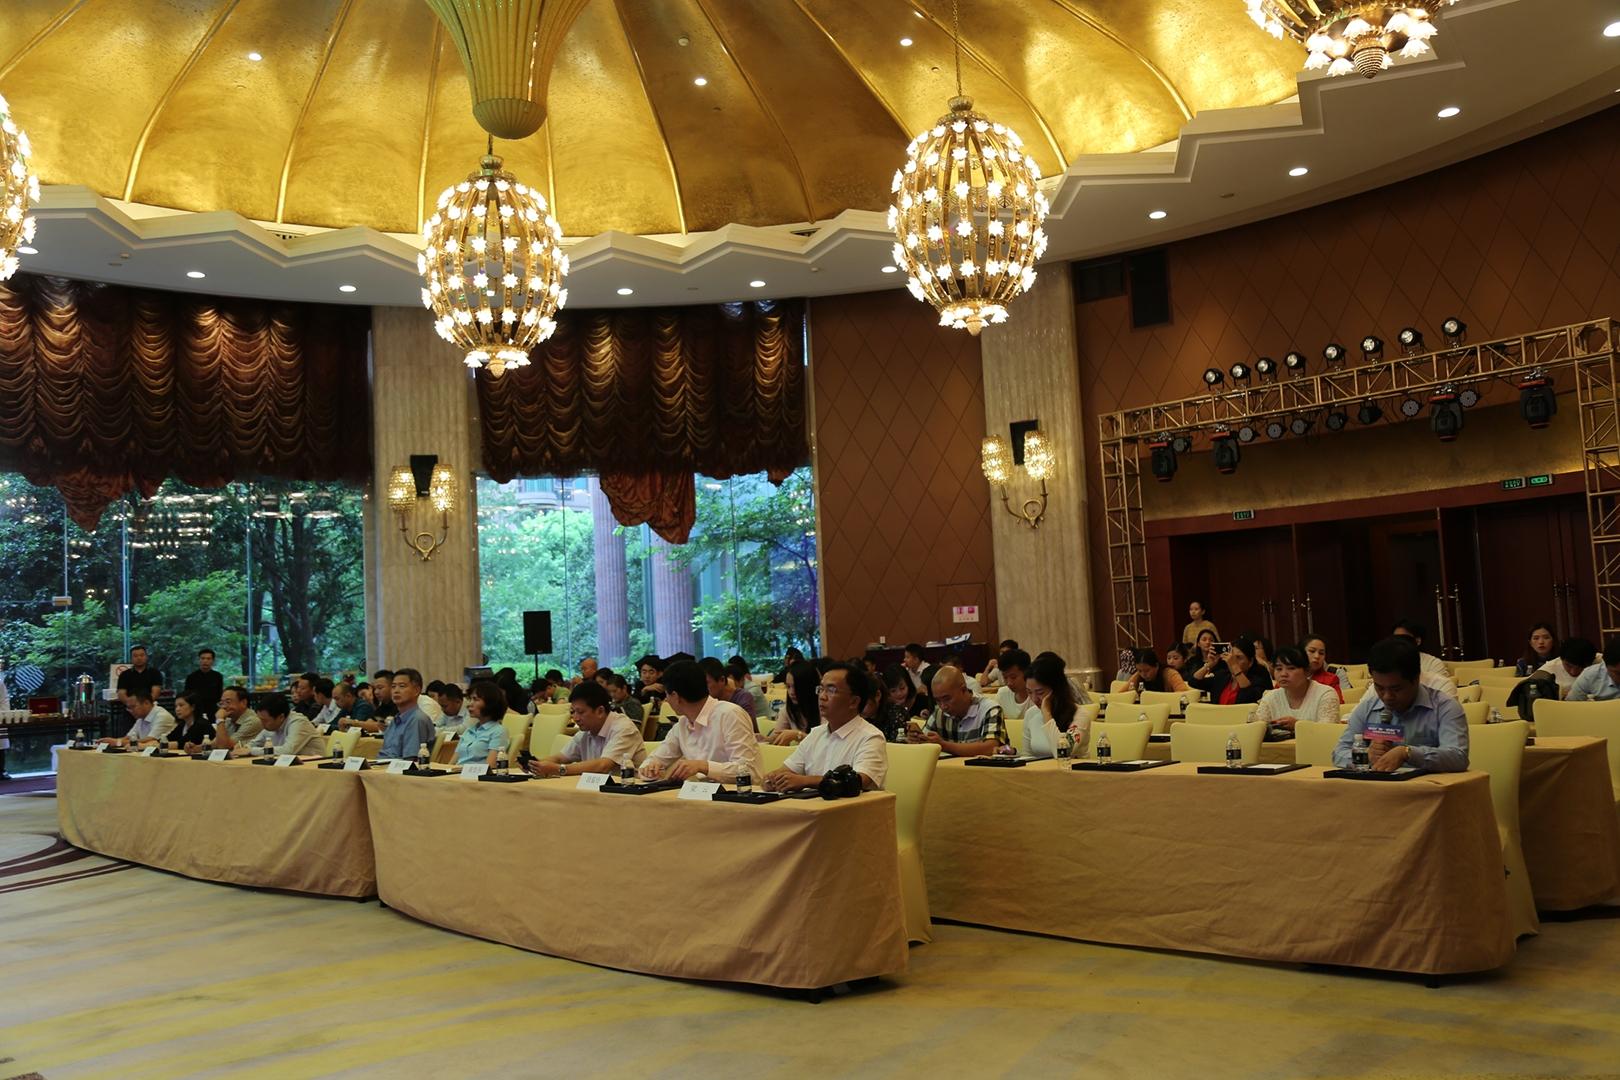 中国广西—越南广宁旅游邀上海市民感受边关跨国风情